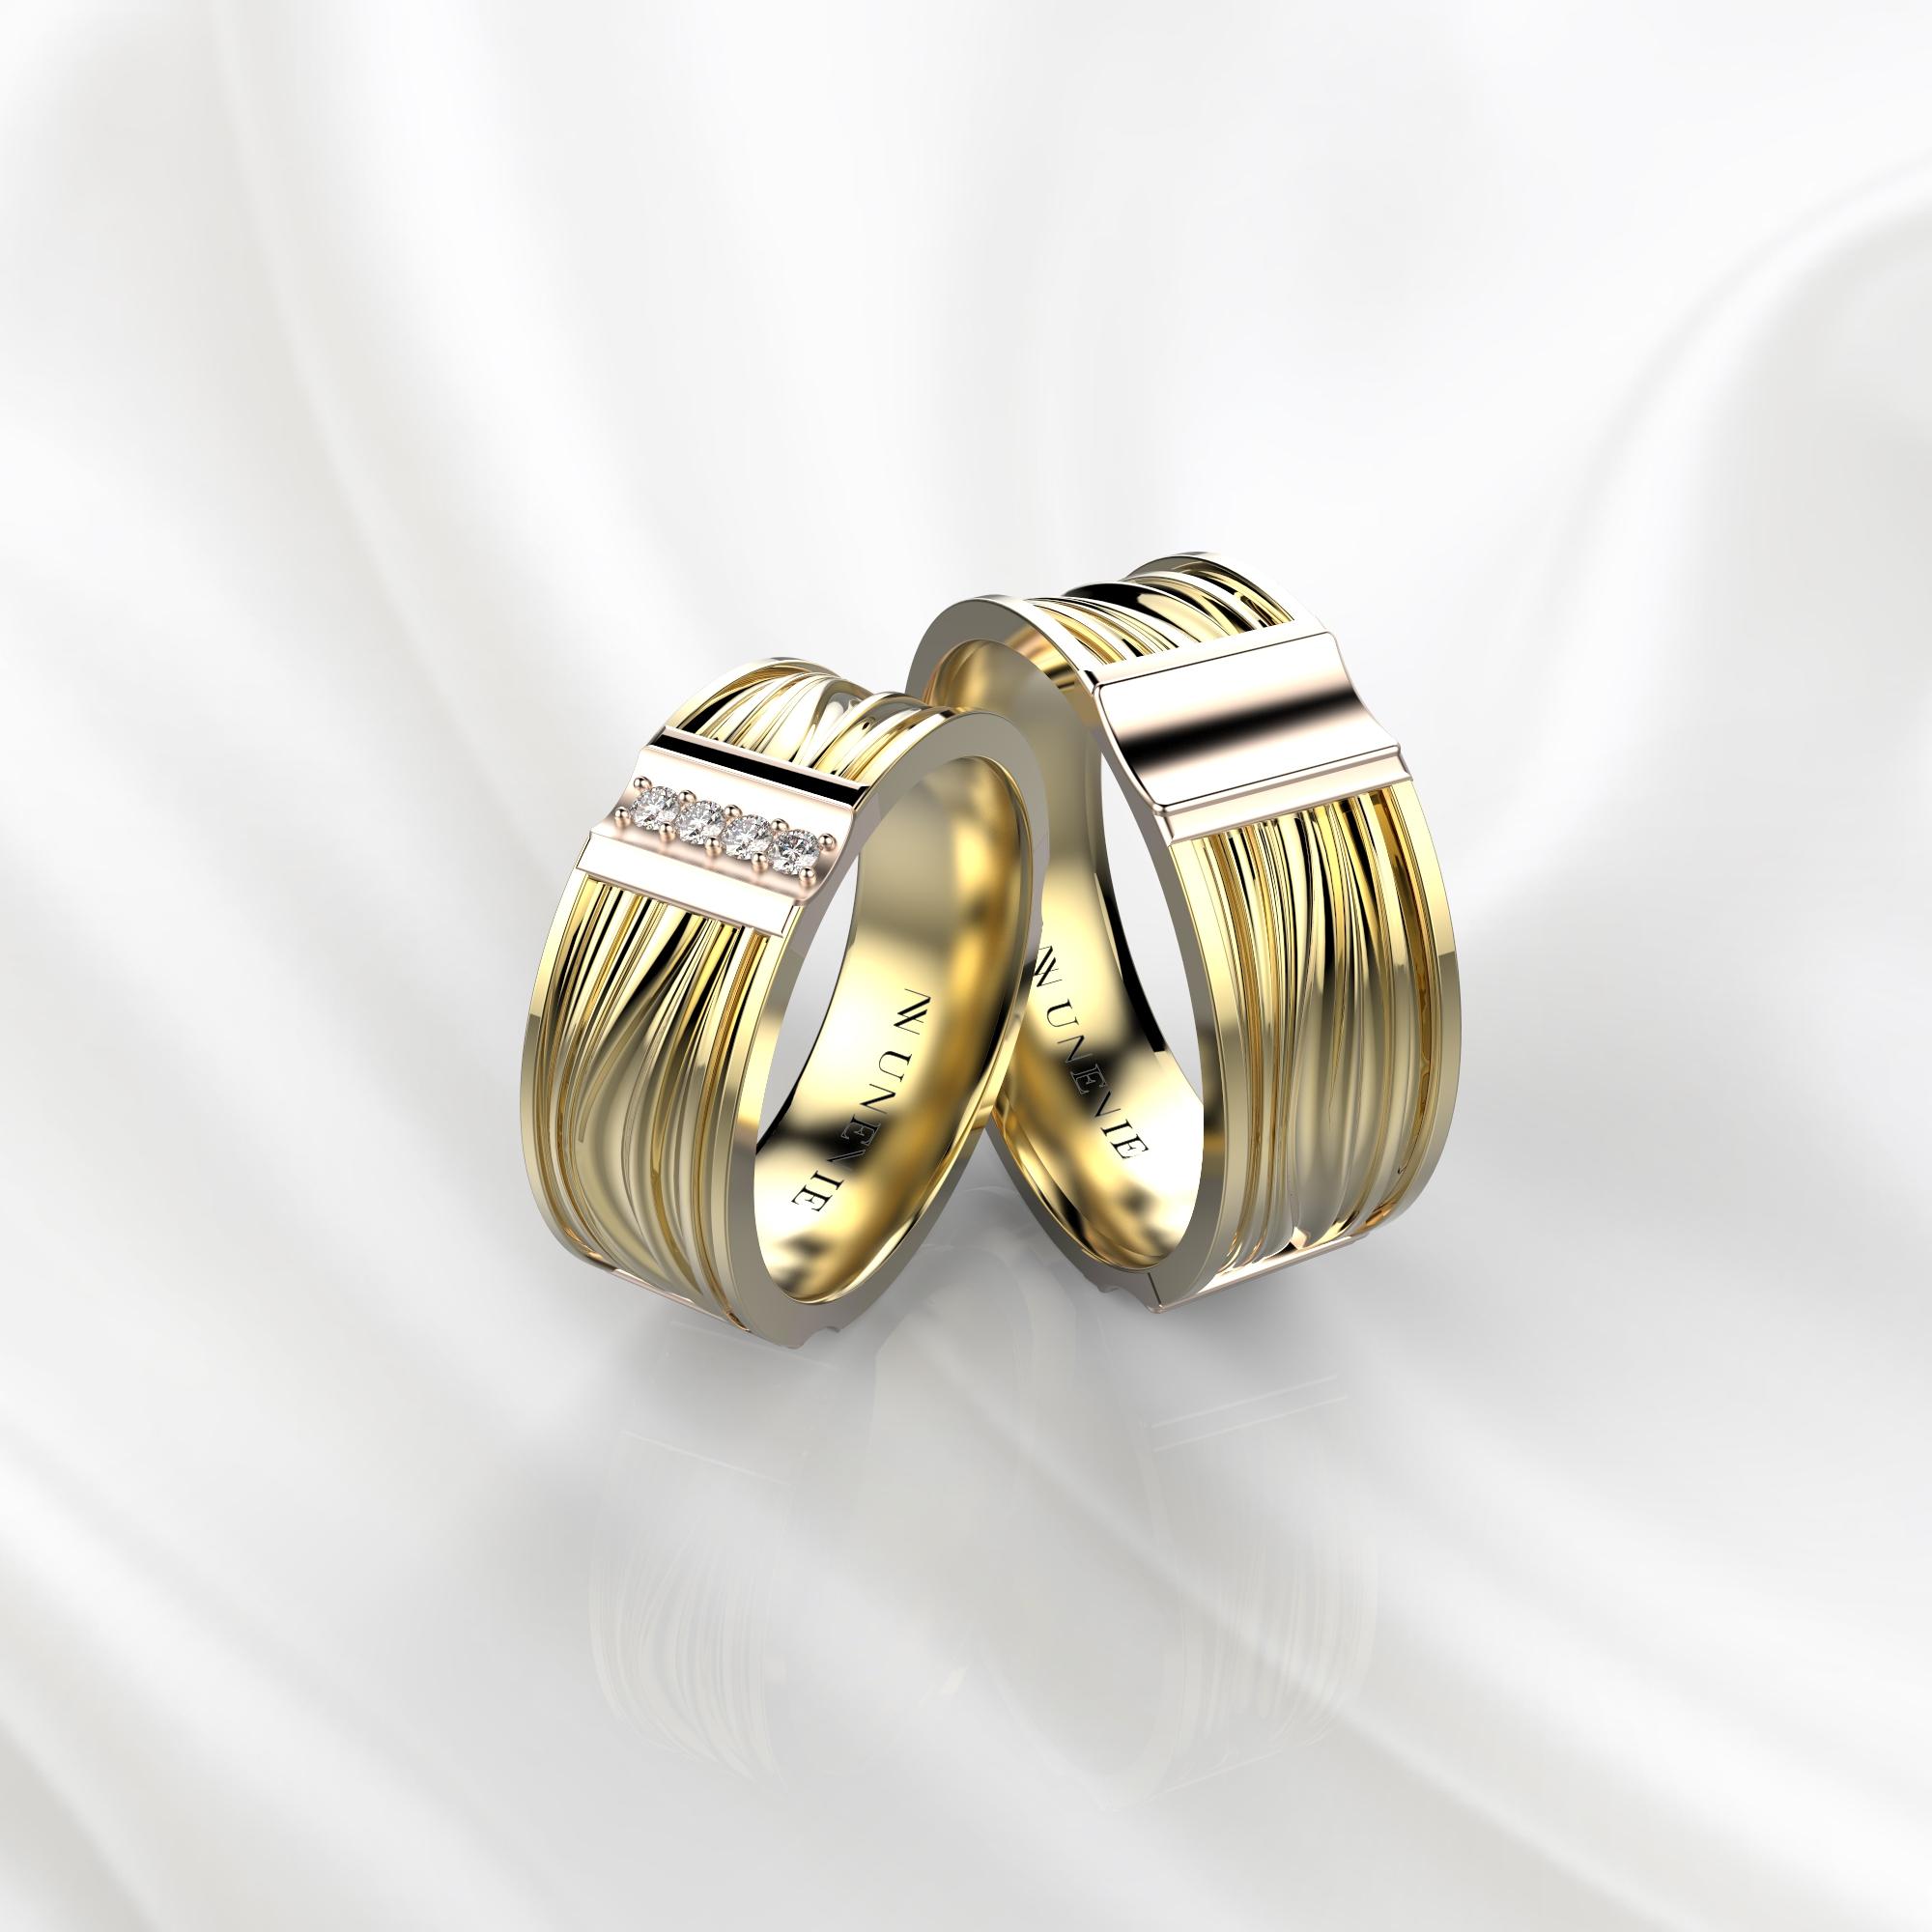 NV58 Парные обручальные кольца из желто-розового золота с бриллиантами